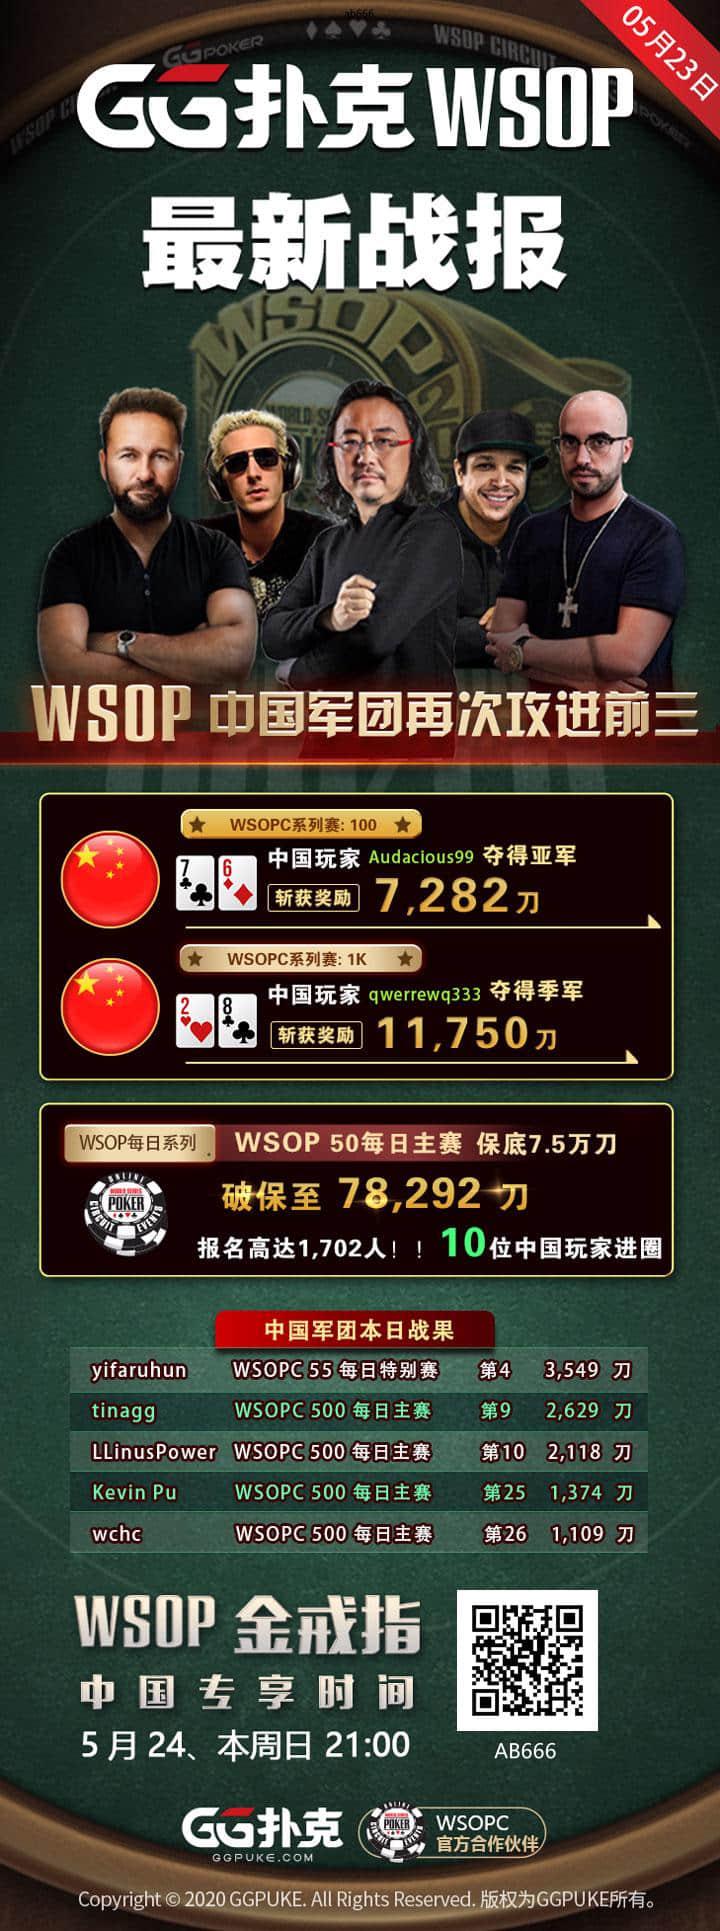 【GG扑克】WSOPC每日赛况更新!5月23日 中国军团再次攻进前三